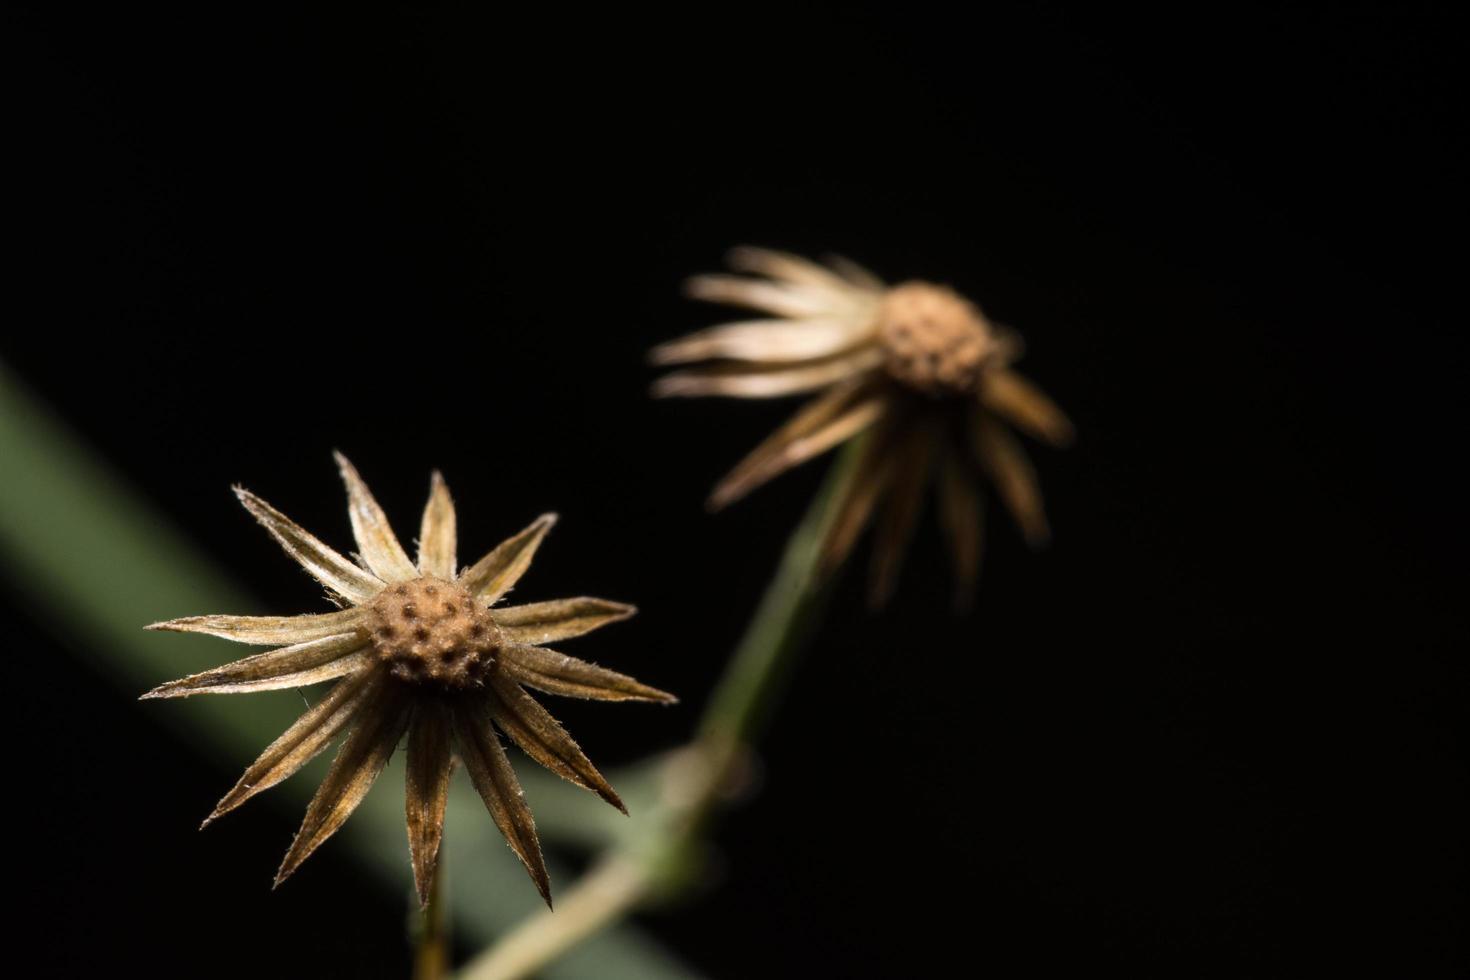 vildblomma, närbildfoto foto